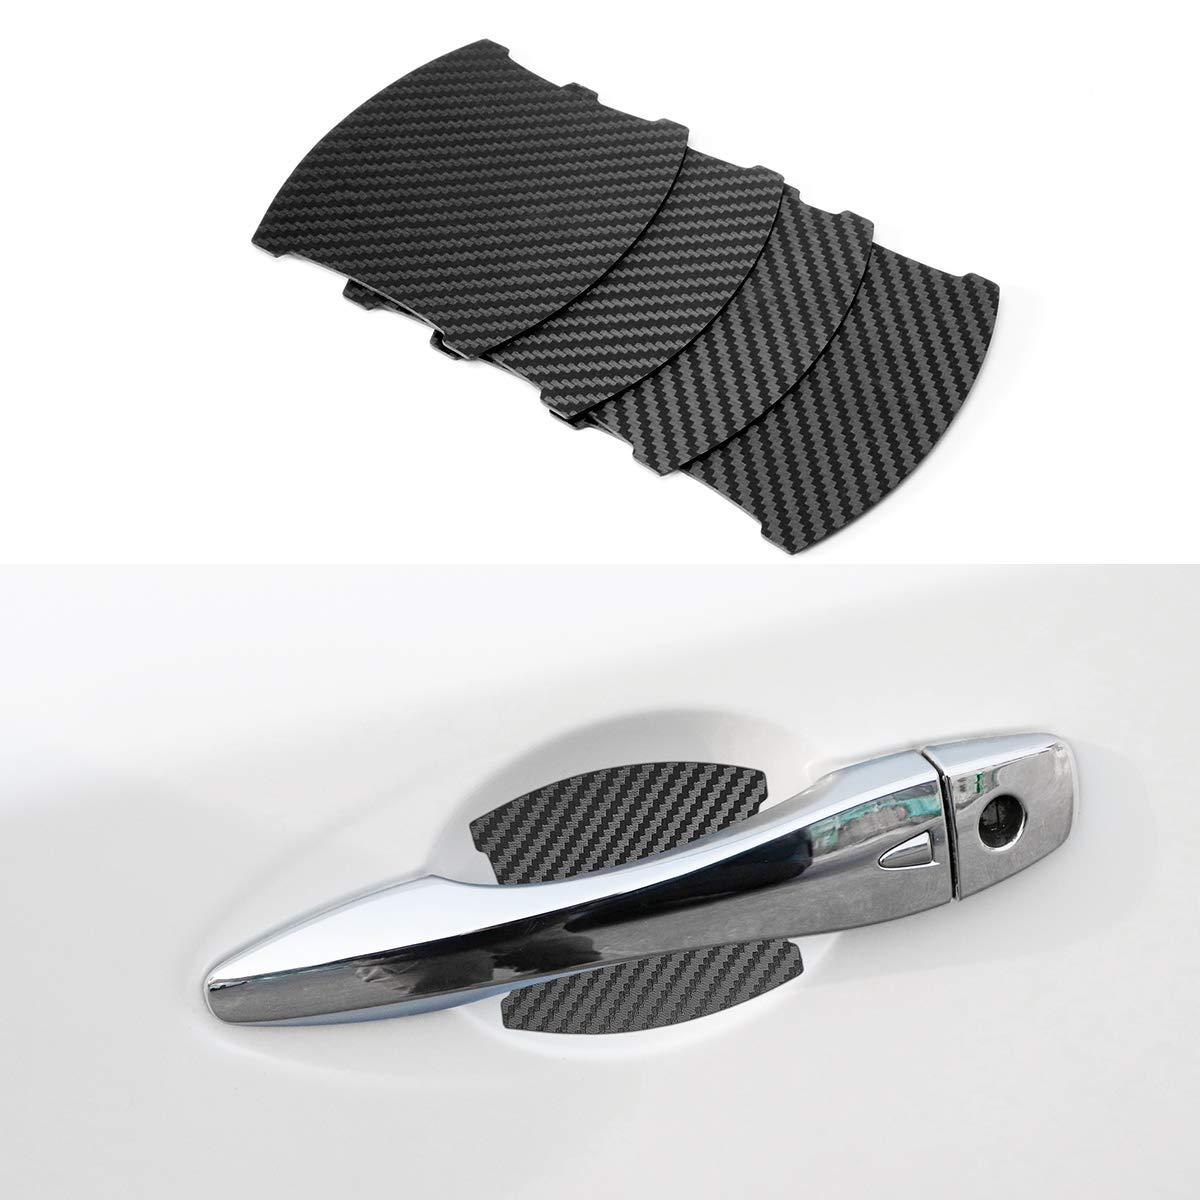 Door Handle Trim Magnetic Door Cup Paint Scratch Protector Cover Accessories for Nissan Pathfinder 4 Pcs